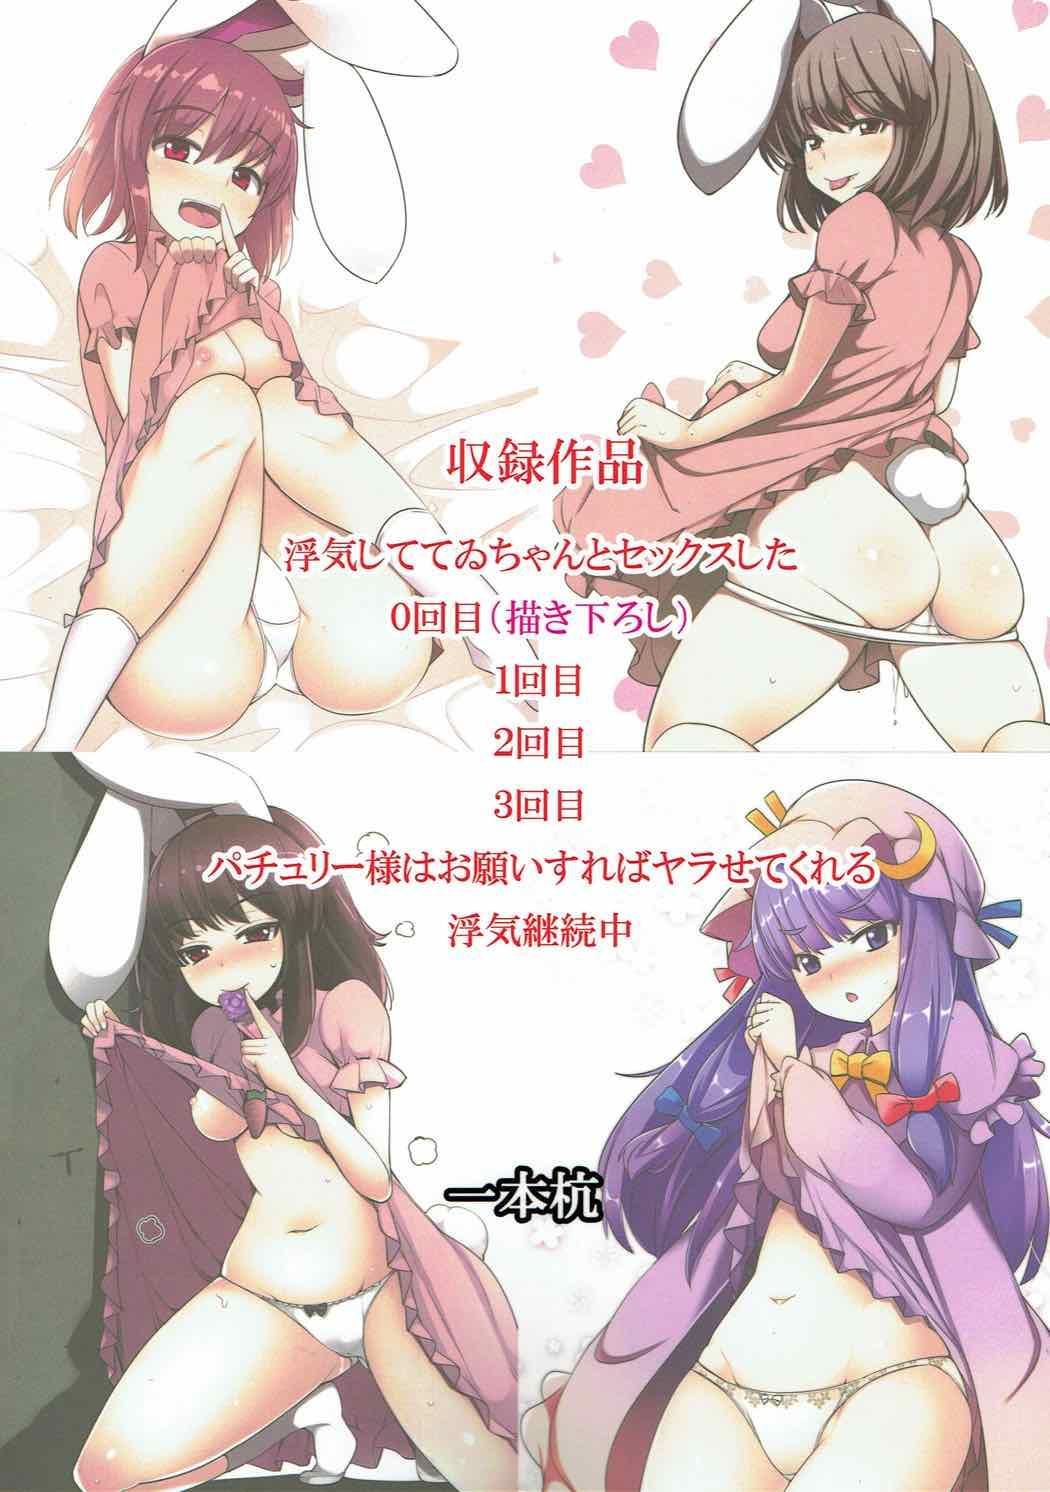 Uwaki Shite Tewi-chan to Sex Shita 91